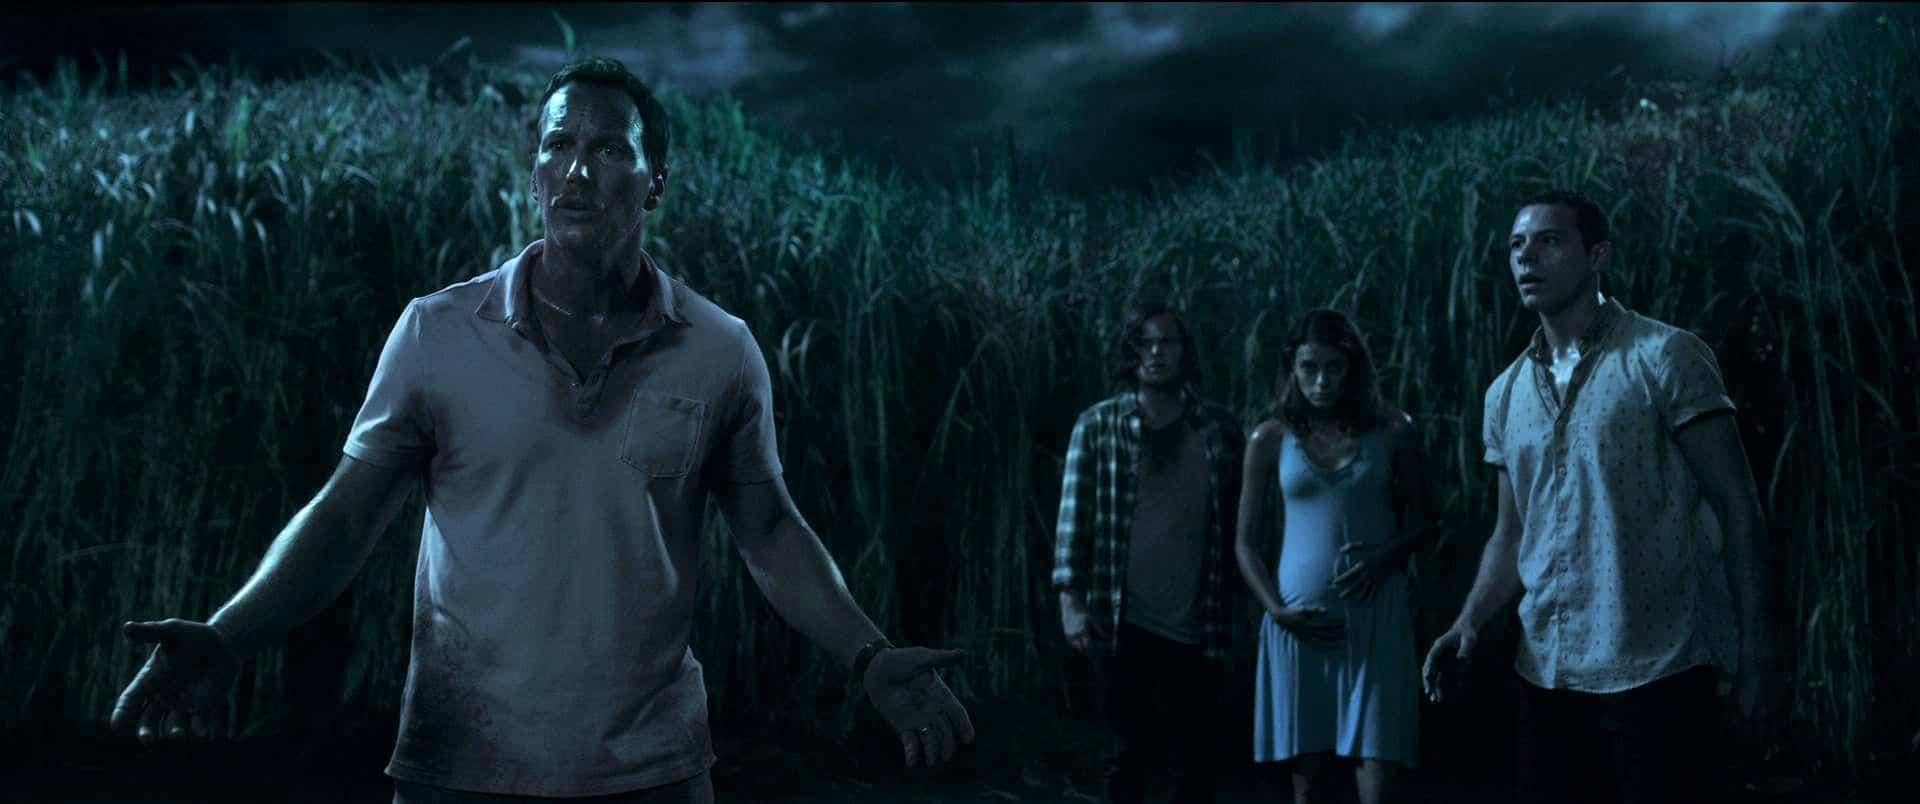 Patrick Wilson im Vordergrund mit erwartender Haltung. Im Hintergrund drei verängstigte Jugendliche und eine übermannshohe Reihe Grashalme